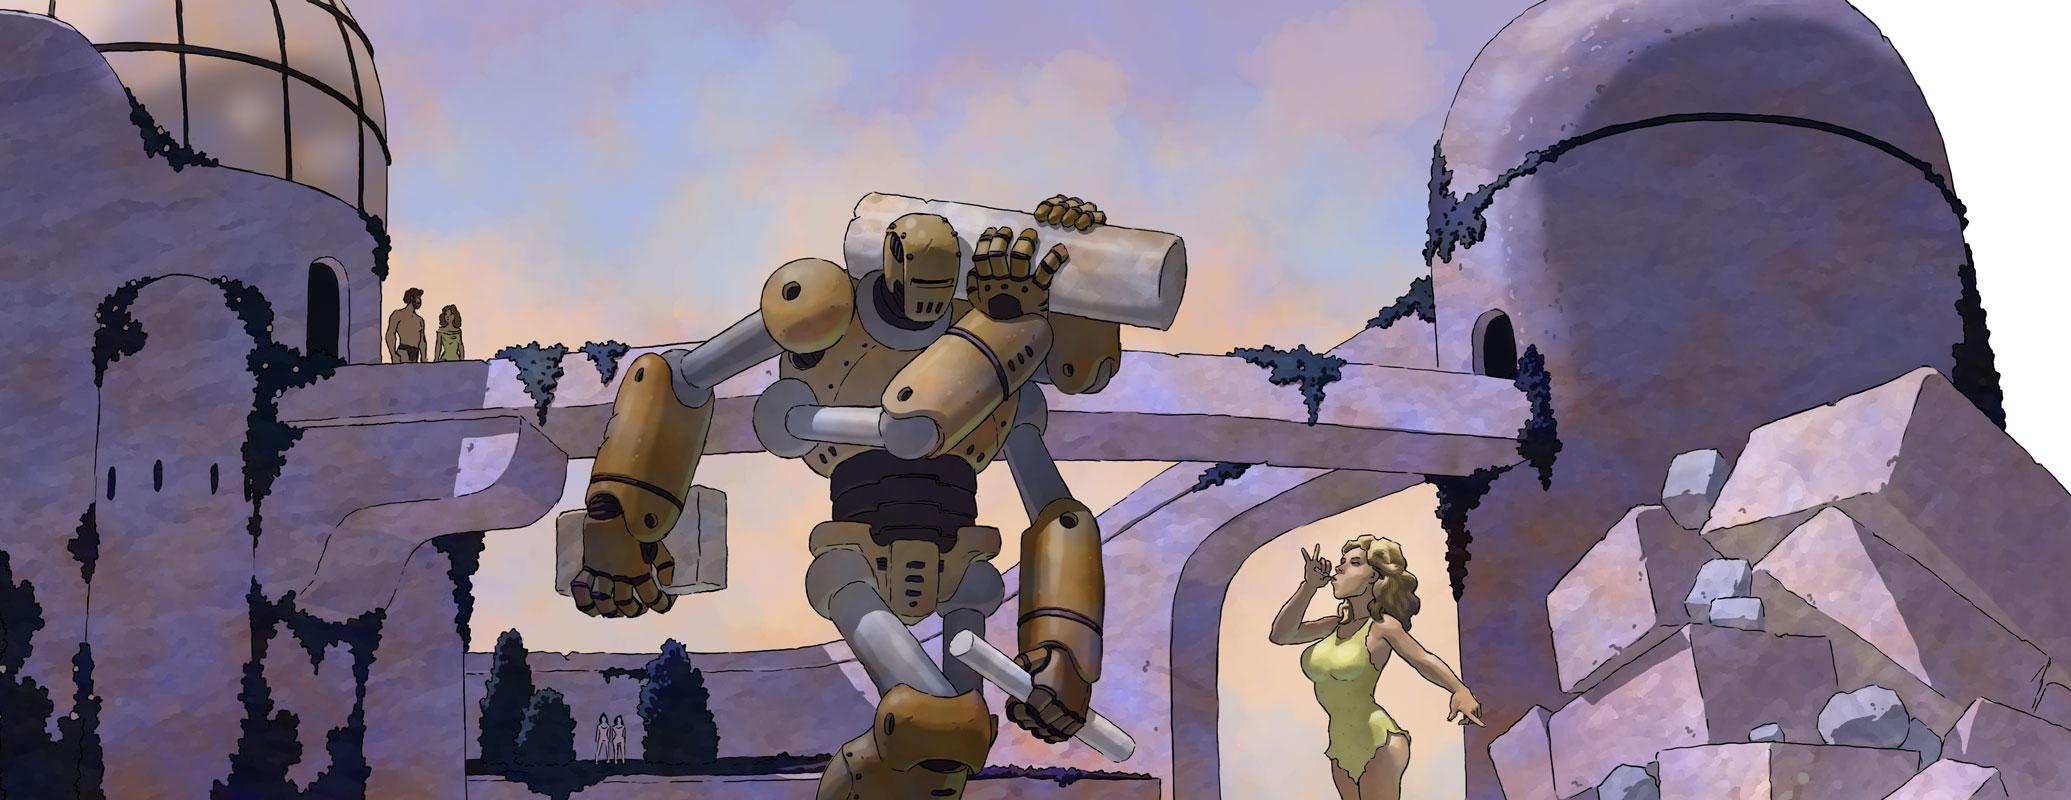 Robots do the heavy lifting